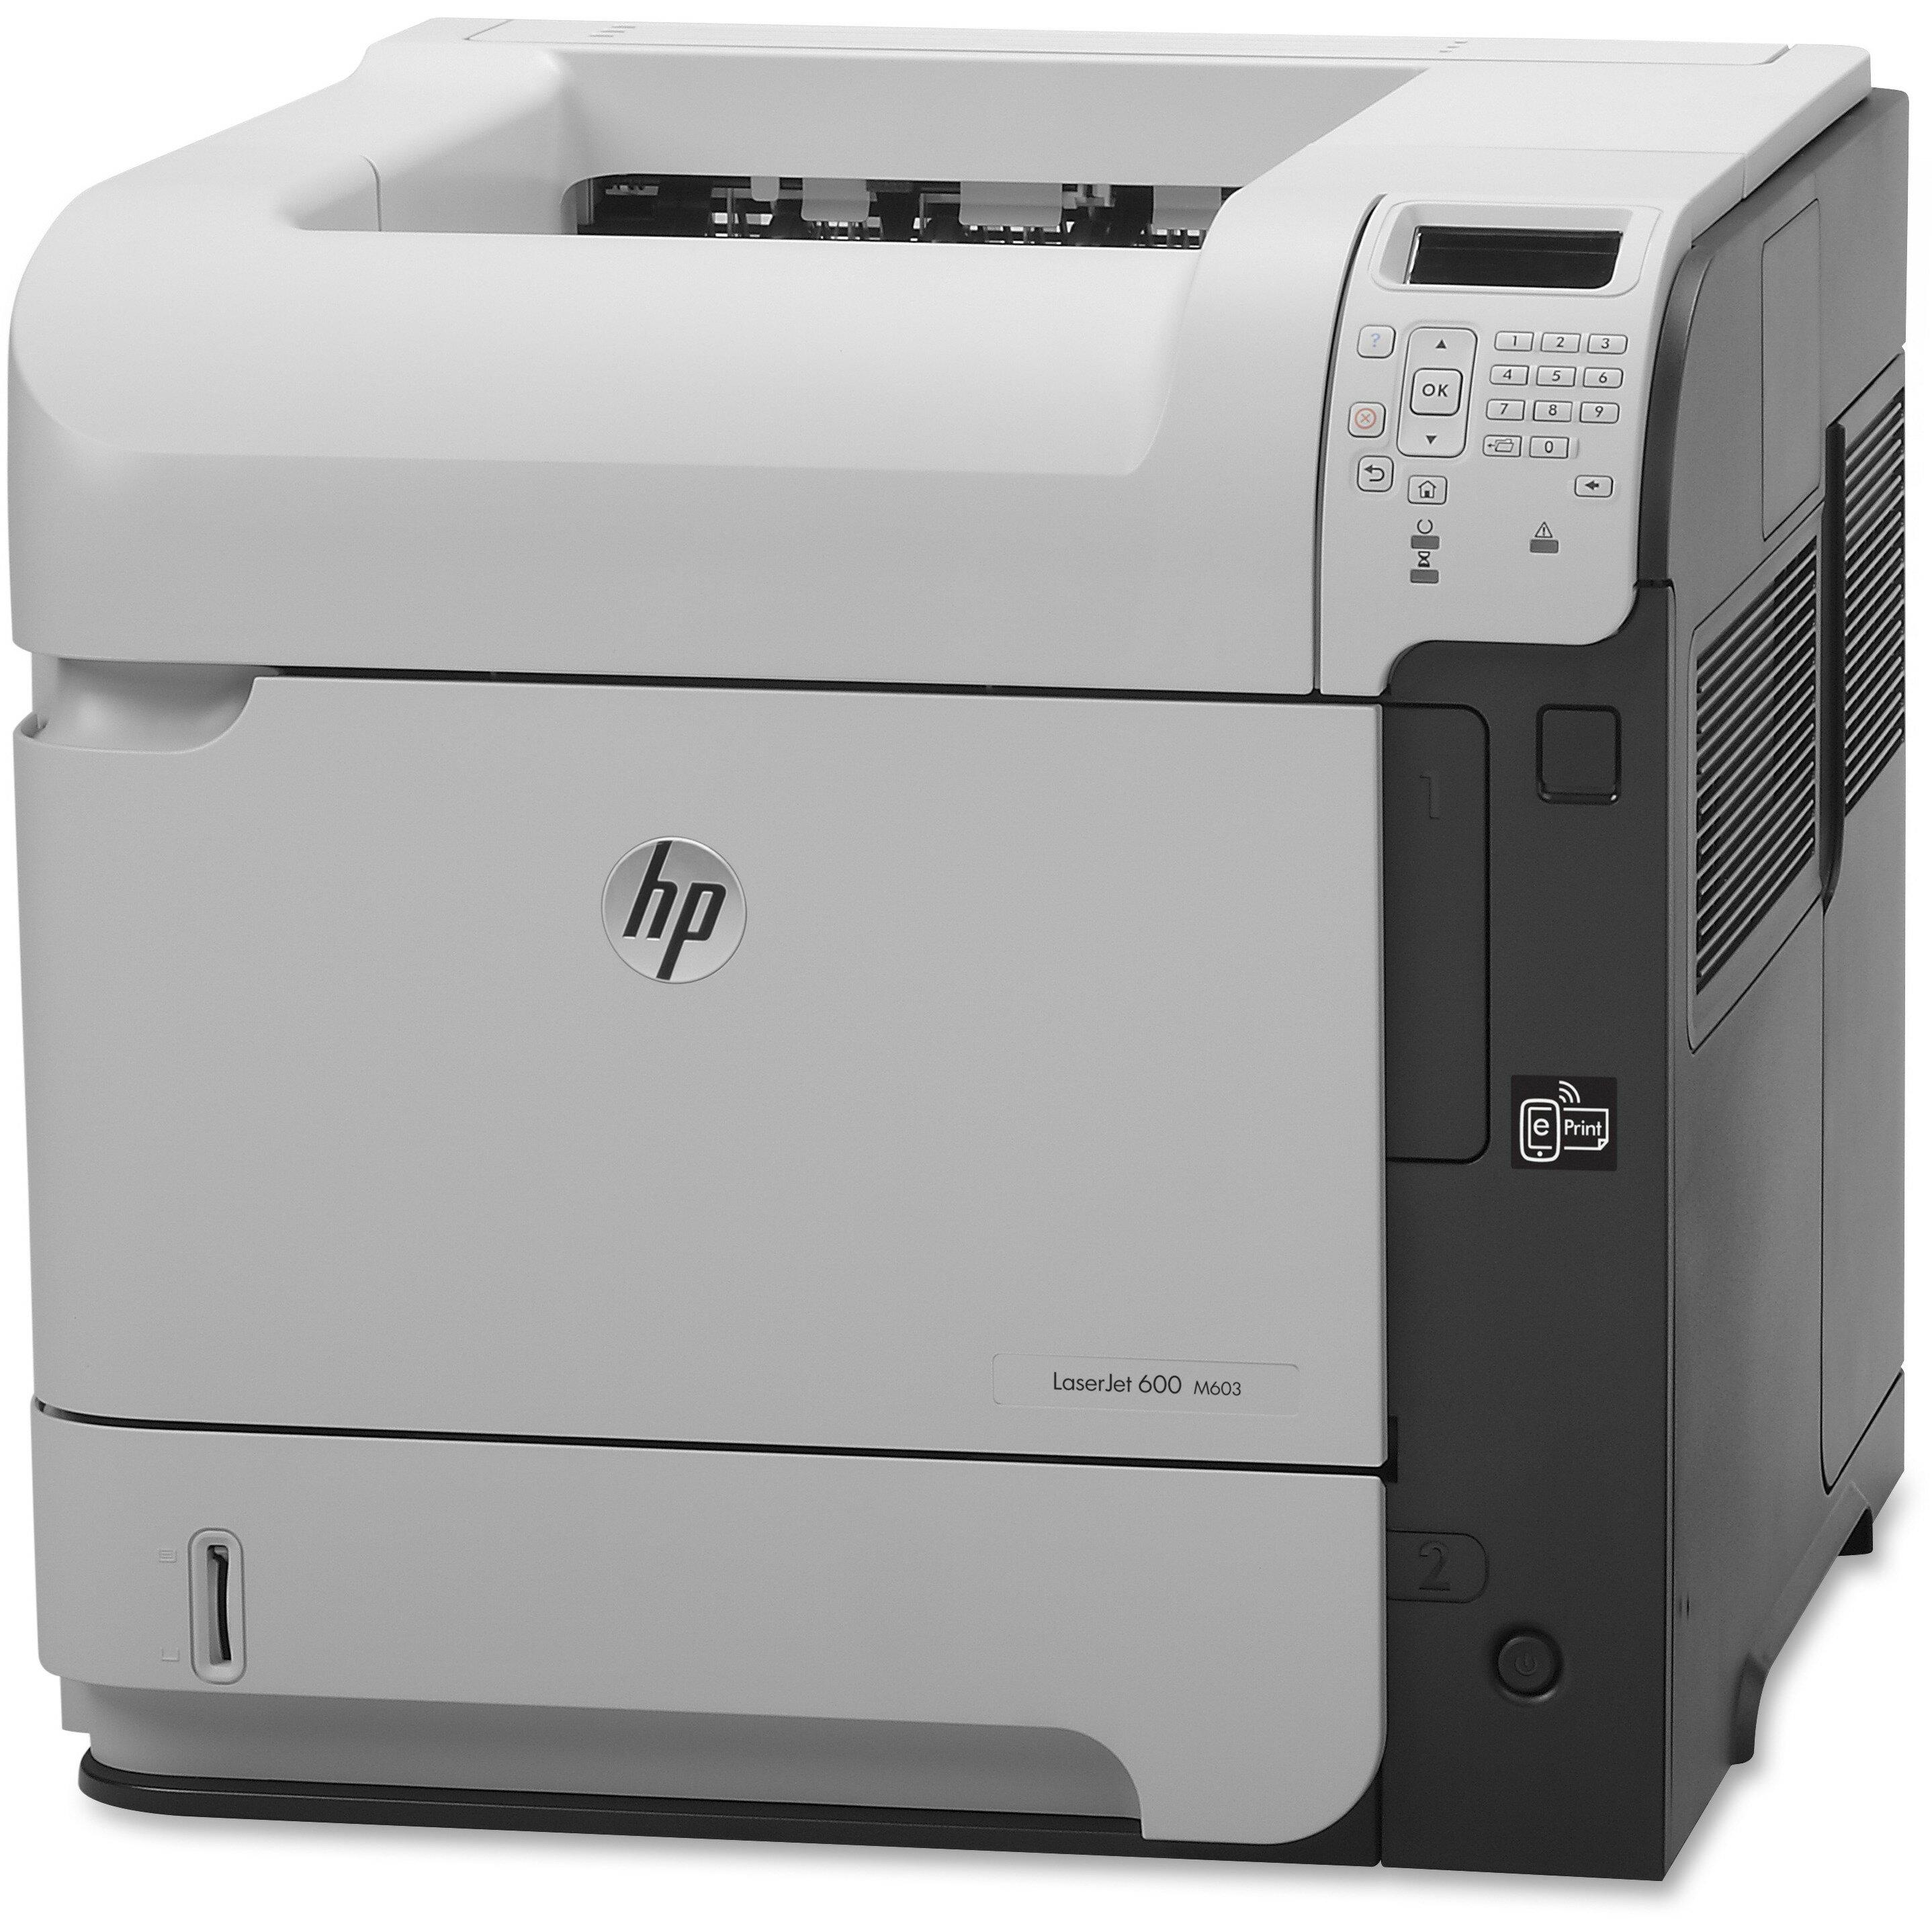 """HP LaserJet 600 M603N Laser Printer - Monochrome - 1200 x 1200 dpi Print - Plain Paper Print - Desktop - 62 ppm Mono Print - C6 Envelope, A4, A5, A6, B6 (JIS), B5 (JIS), 16K, Executive JIS, RA4, Letter, ... - 4.49"""", 8.27"""", 5.83"""", 4.13"""", 3.94"""", 8.50"""", ... 2"""